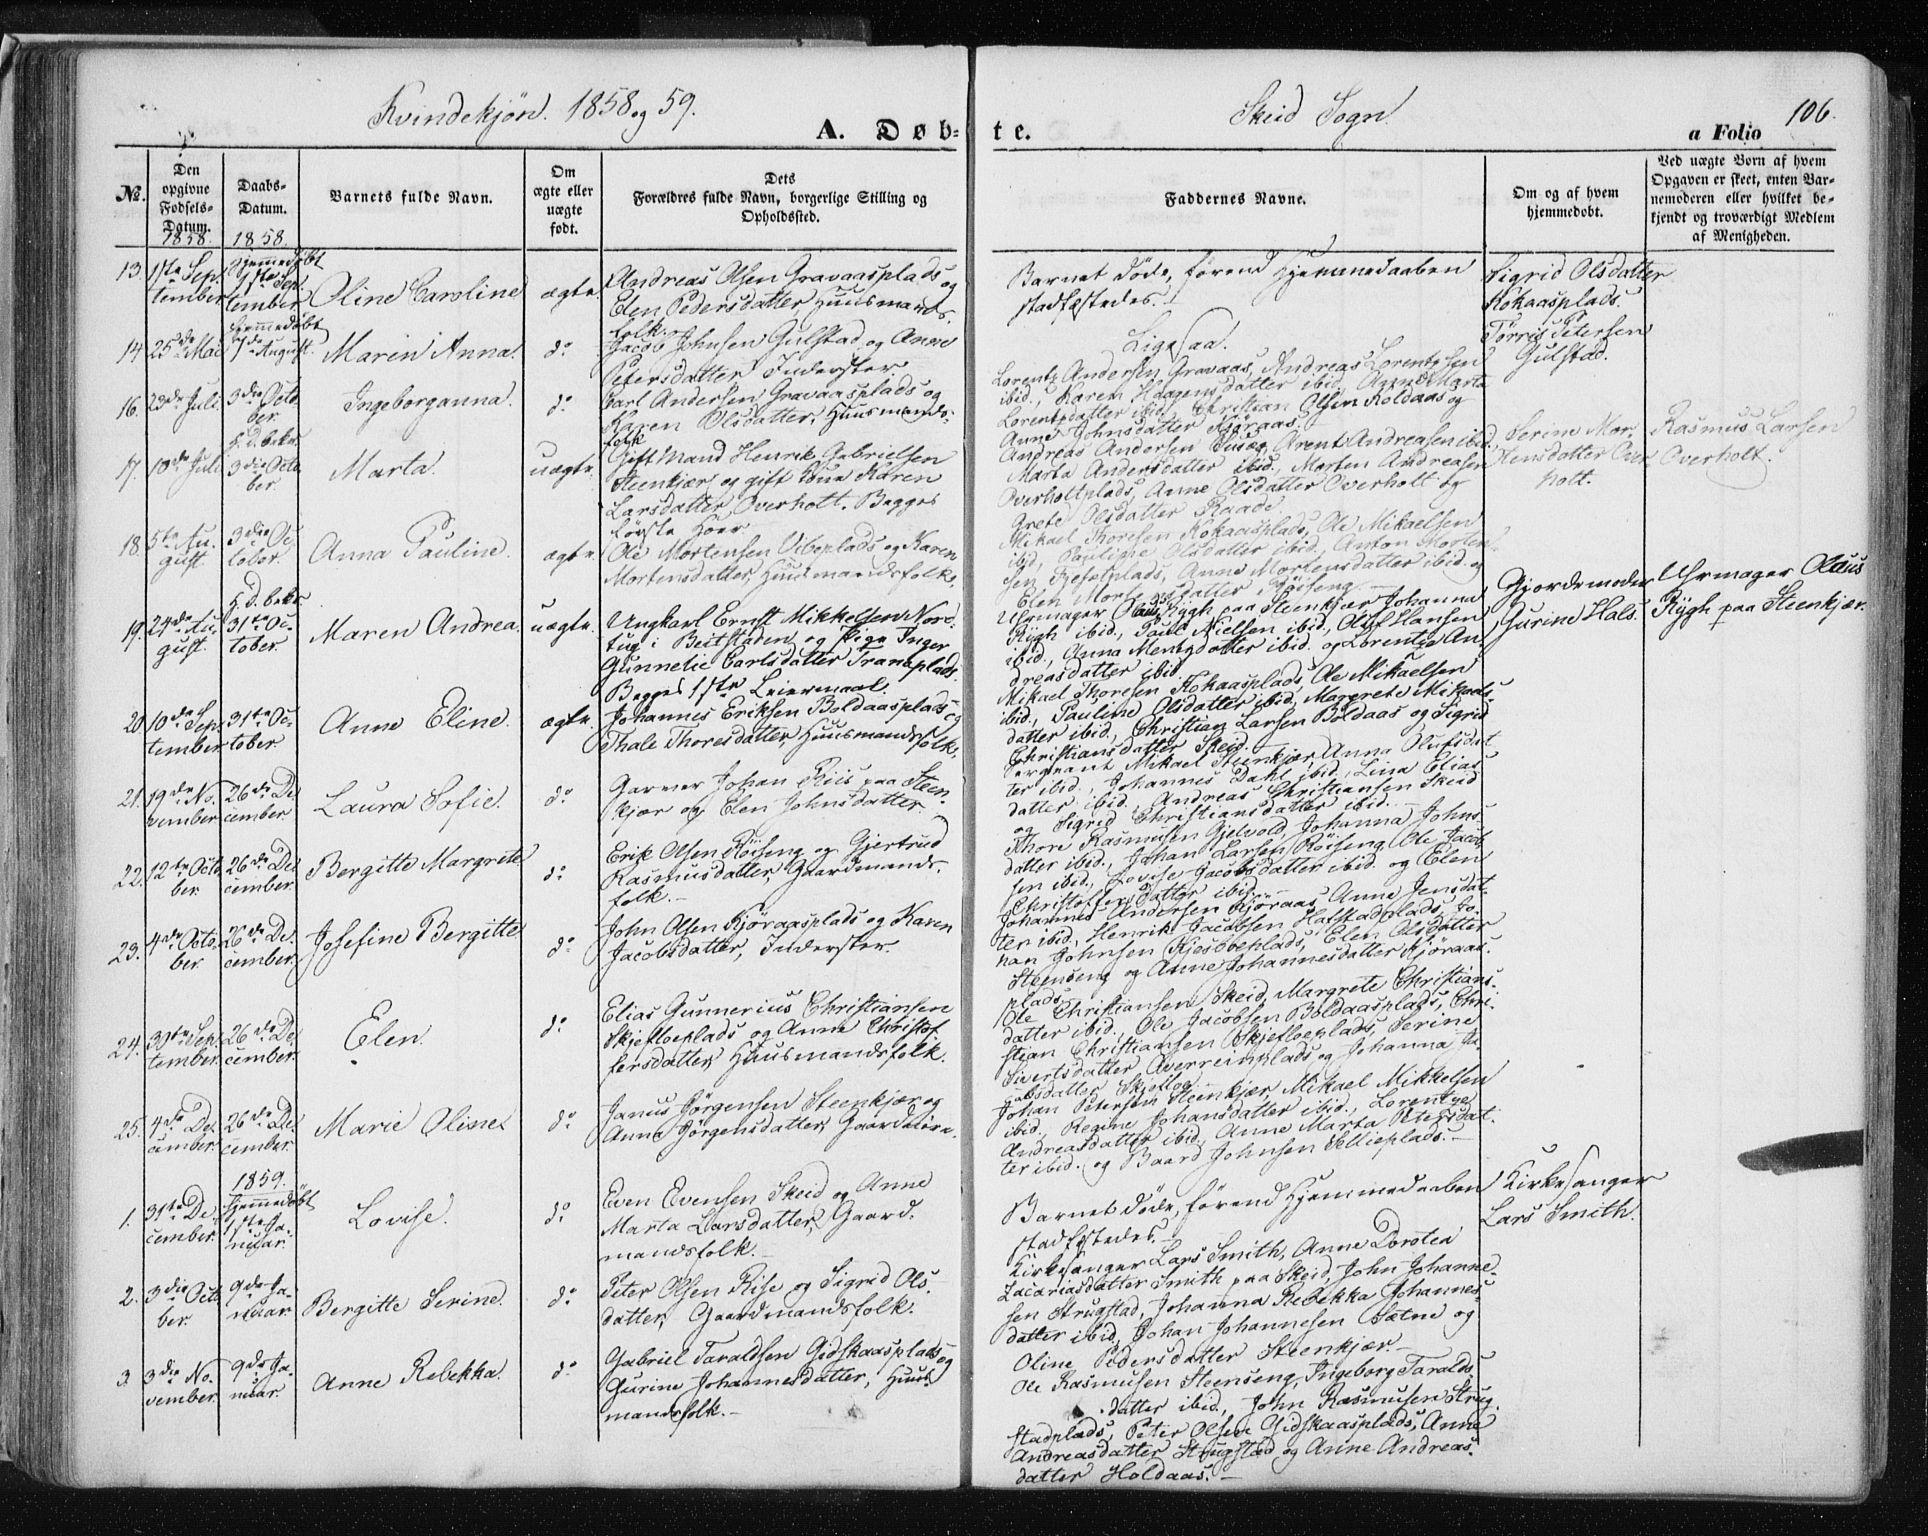 SAT, Ministerialprotokoller, klokkerbøker og fødselsregistre - Nord-Trøndelag, 735/L0342: Ministerialbok nr. 735A07 /2, 1849-1862, s. 106